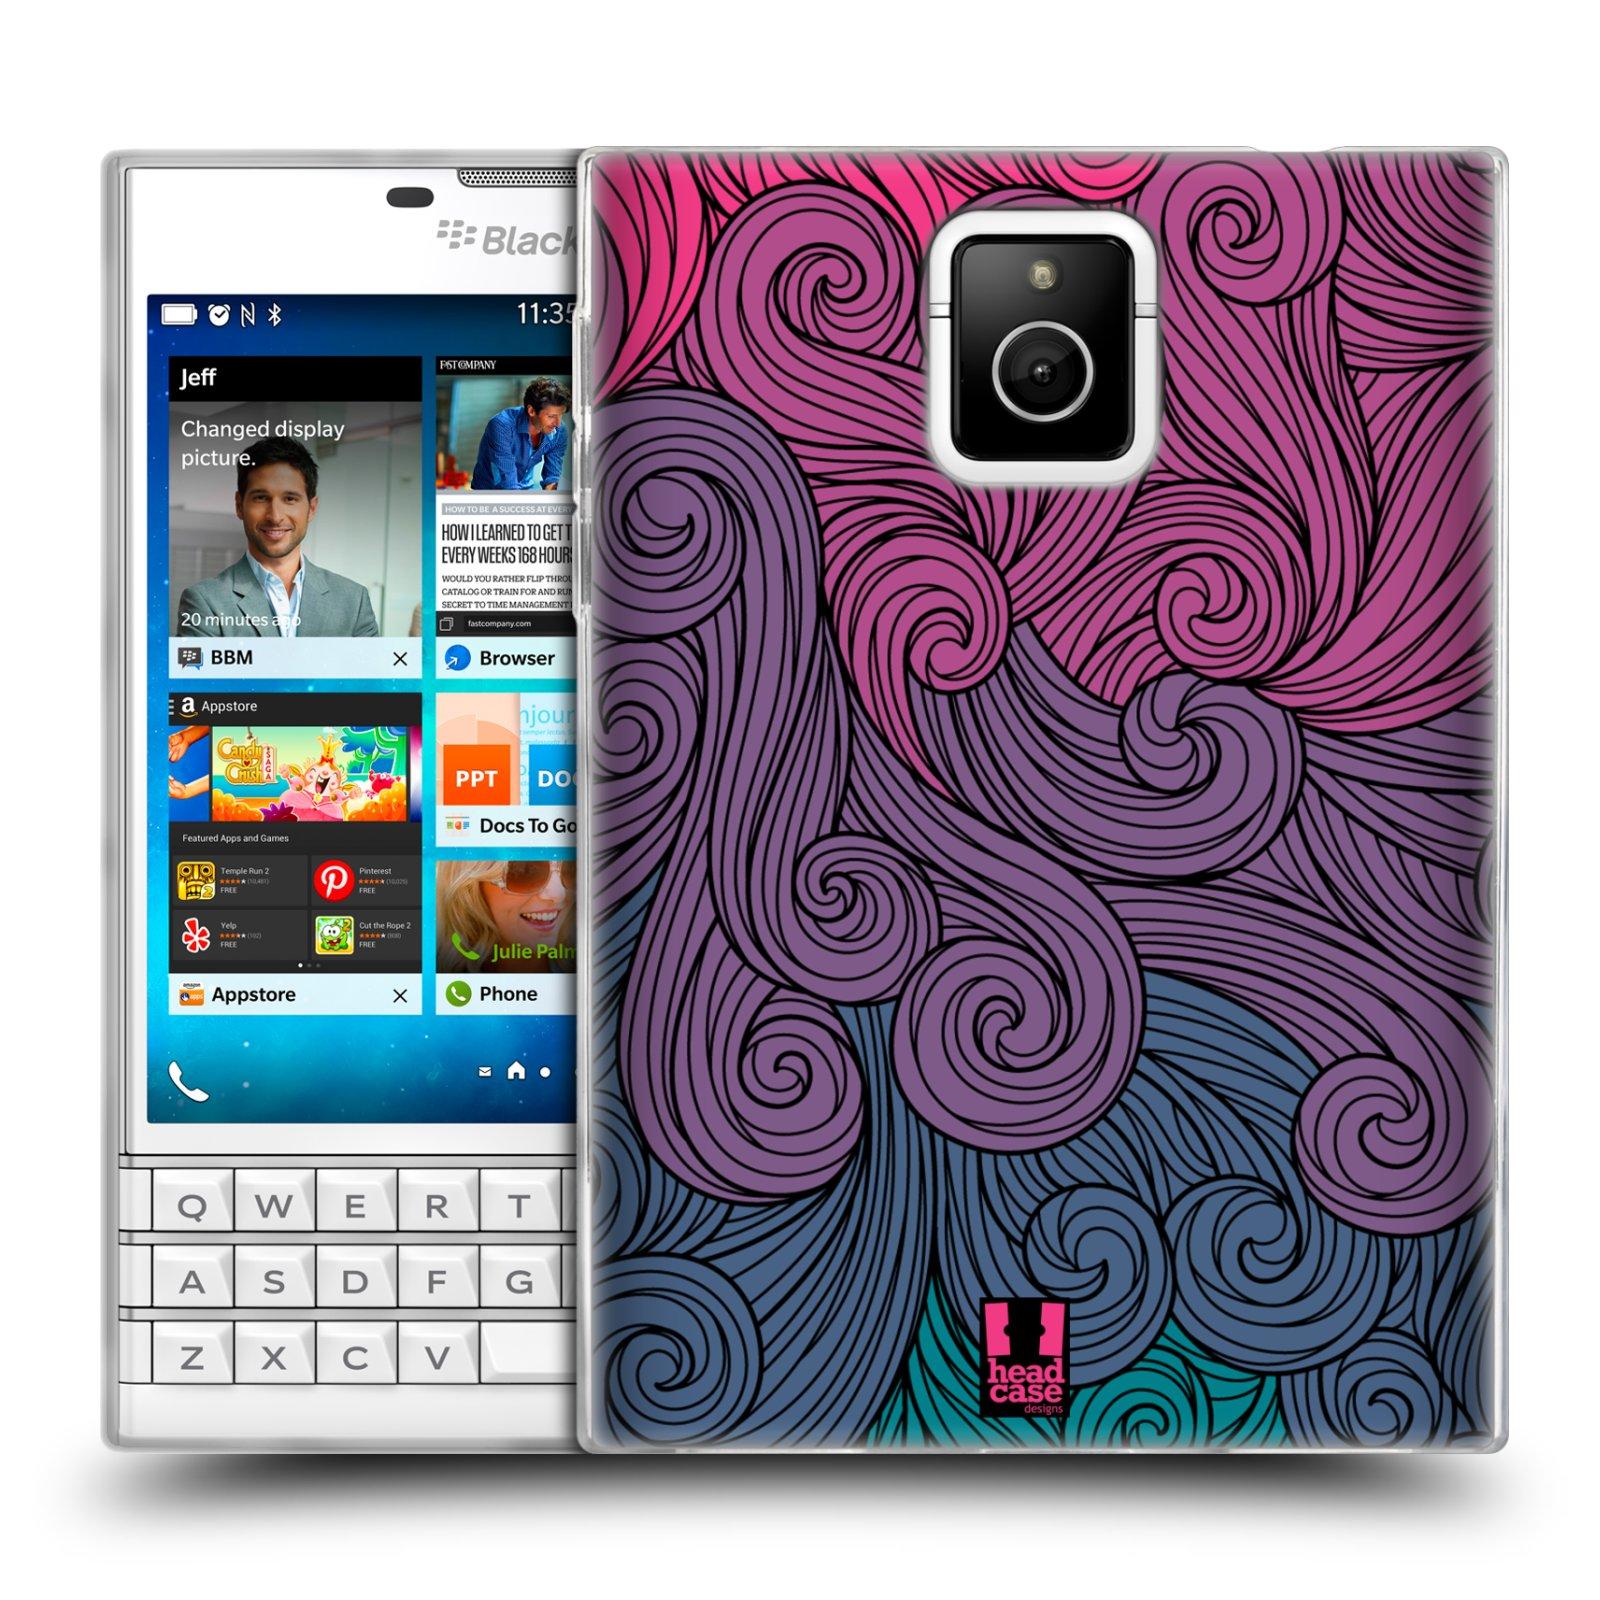 Silikonové pouzdro na mobil Blackberry PASSPORT HEAD CASE Swirls Hot Pink (Silikonový kryt či obal na mobilní telefon Blackberry PASSPORT)